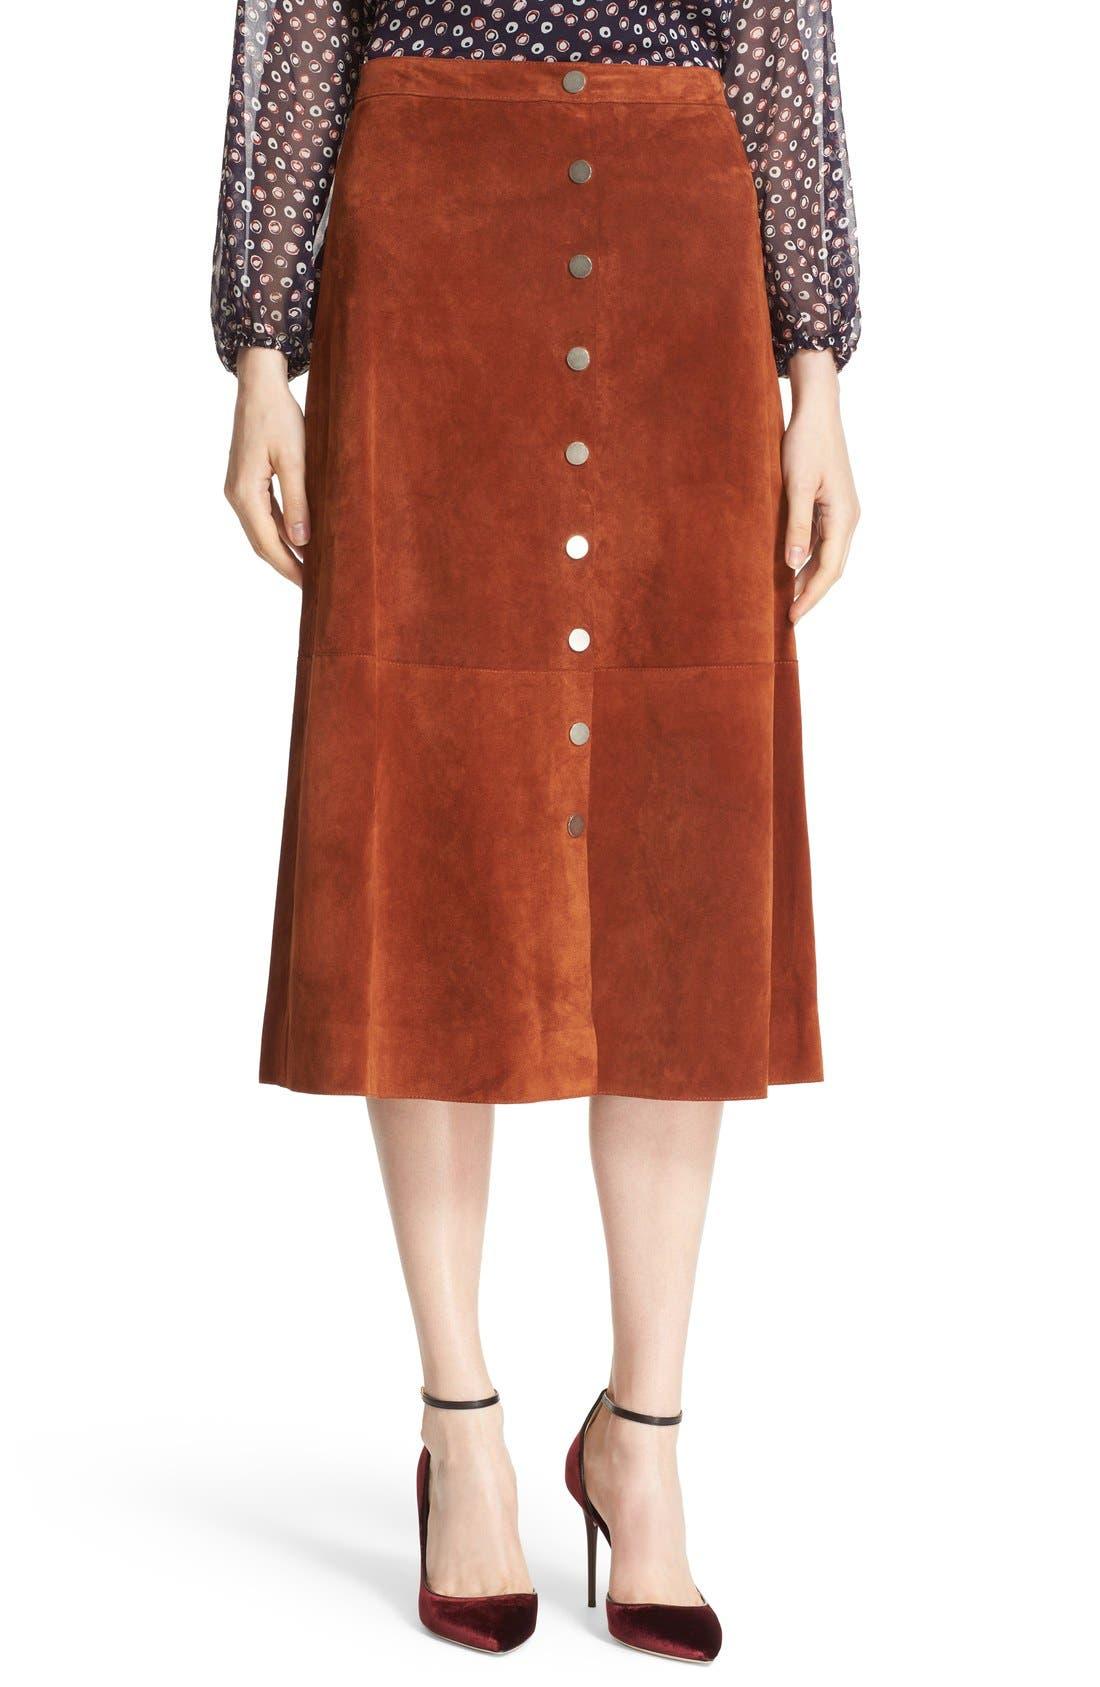 Main Image - Diane von Furstenberg 'Gracelynn' Suede Midi Skirt